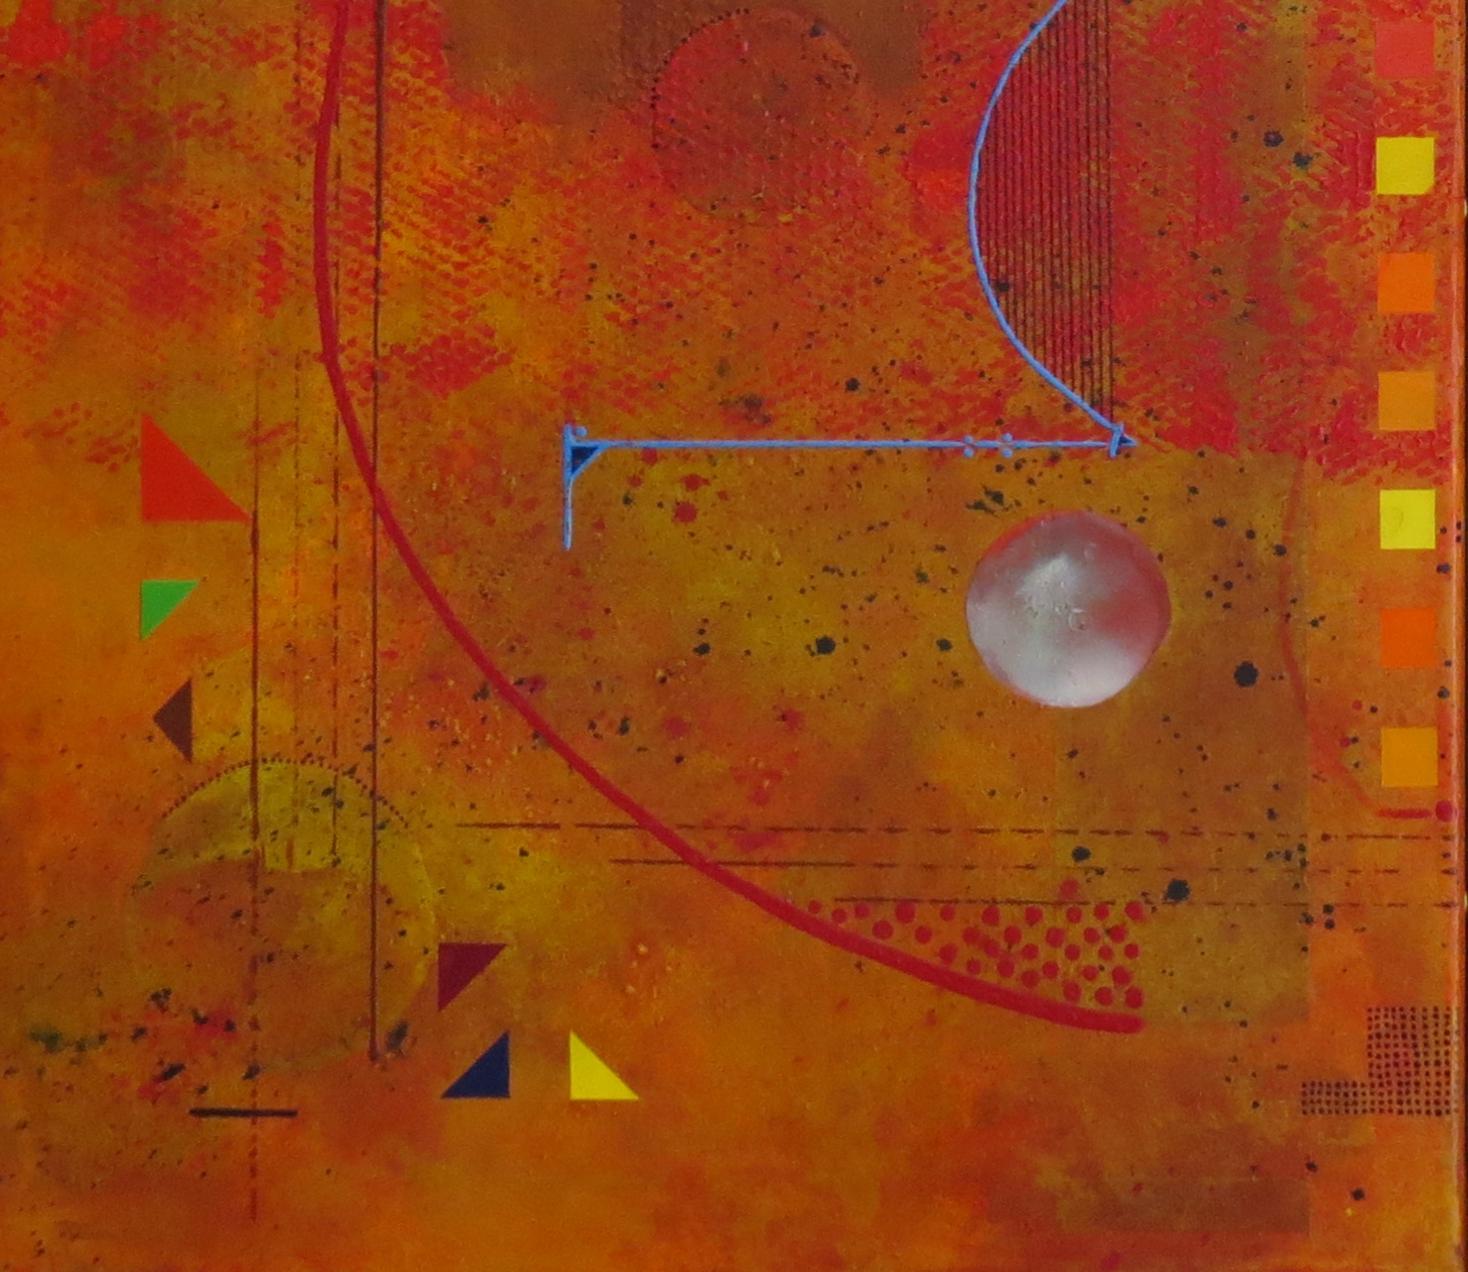 thêta - zoom3 - DALUZ GALEGO - peinture abstraite